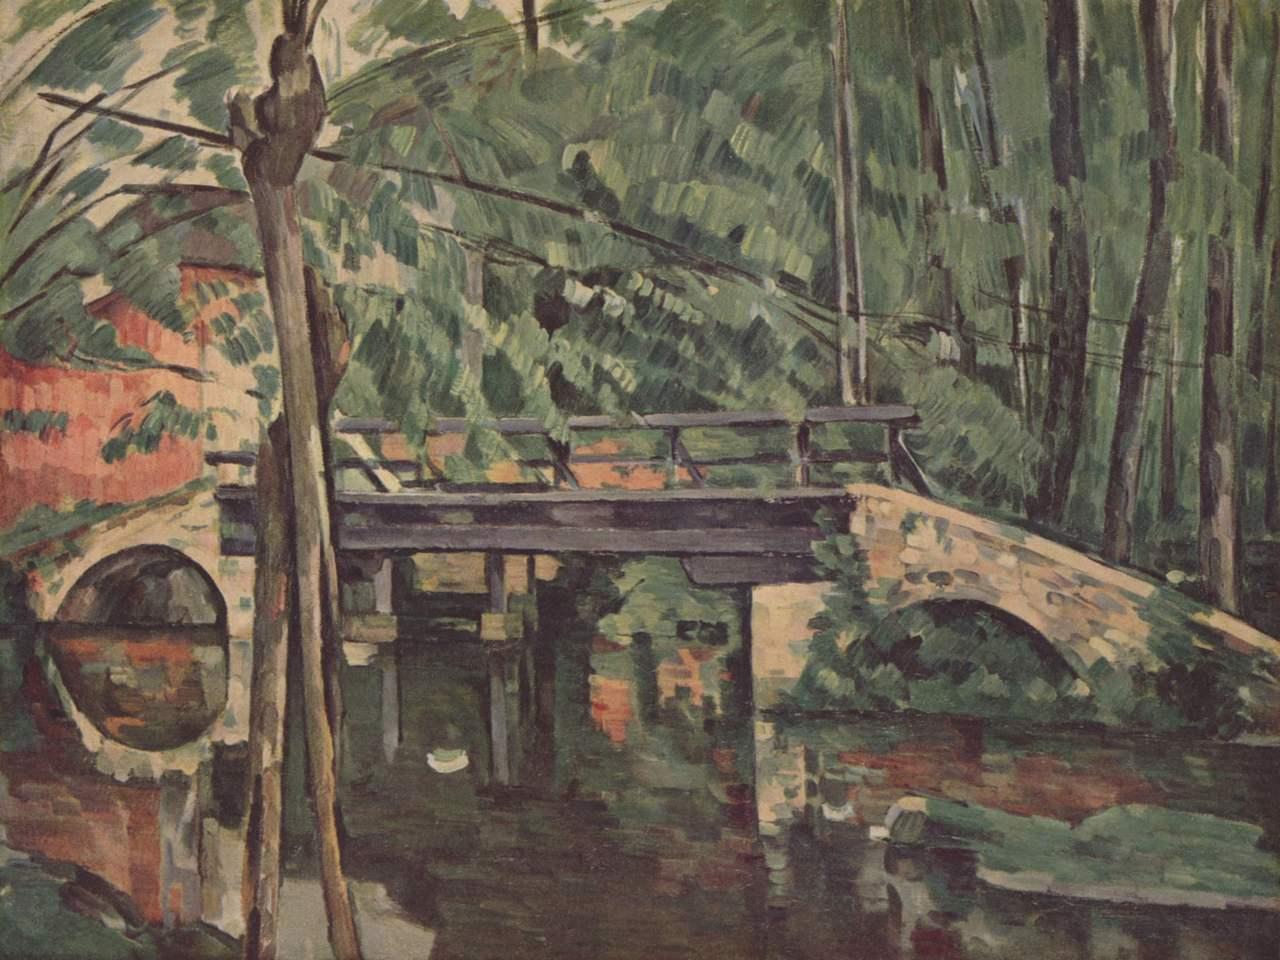 Paul Cézanne pintó 'Puente de Maincy' cuando residía en la localidad cercana de Melun.